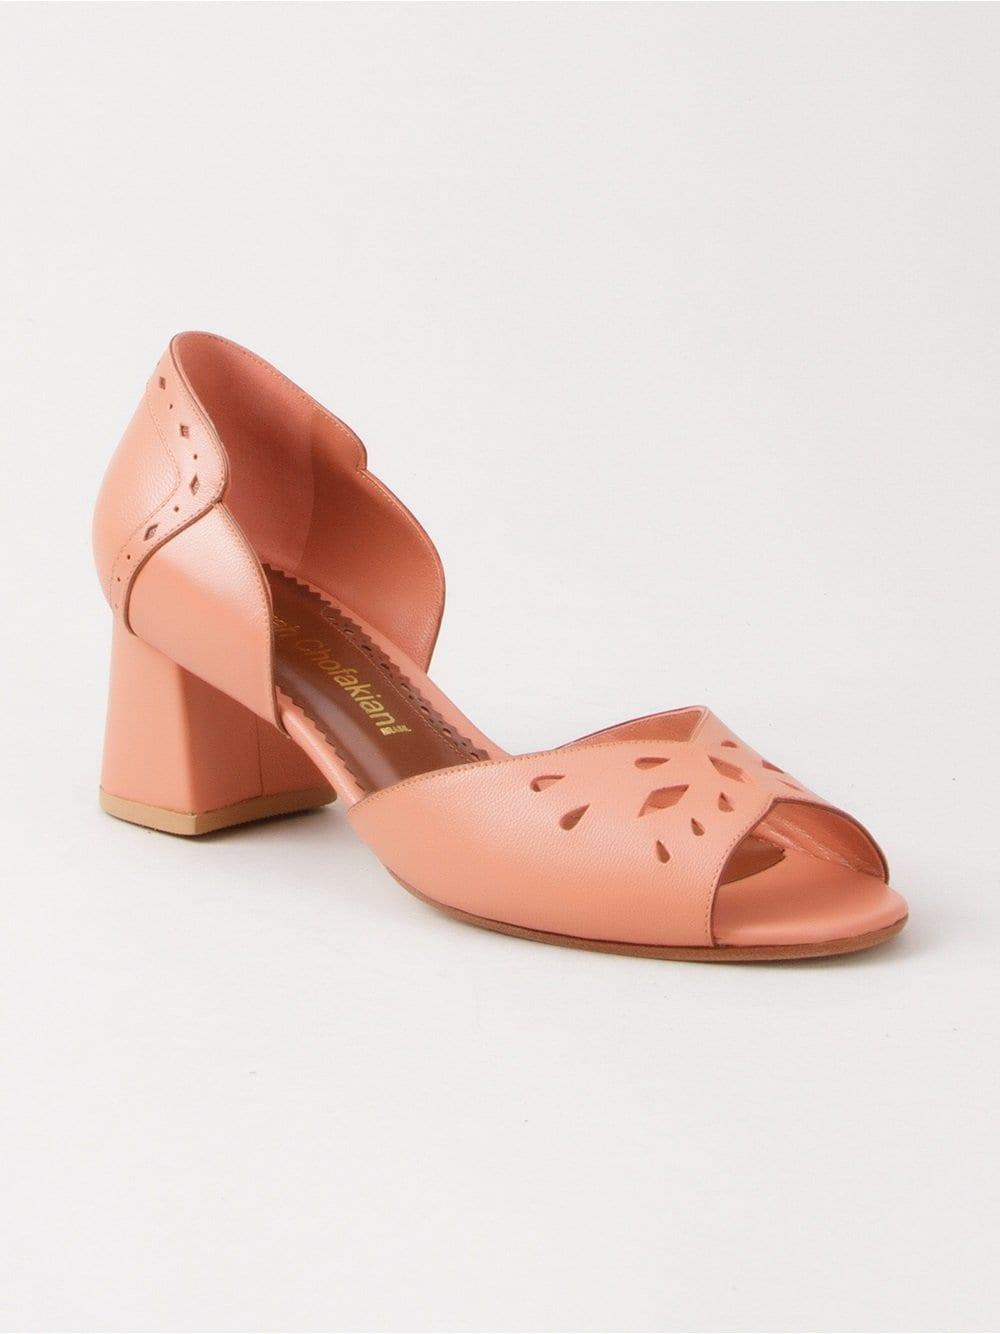 Amarillo Cuadrado Tacón Zapatos Con Con Con Cuadrado Tacón Amarillo Tacón Zapatos Cuadrado Zapatos Tl3KJF1c